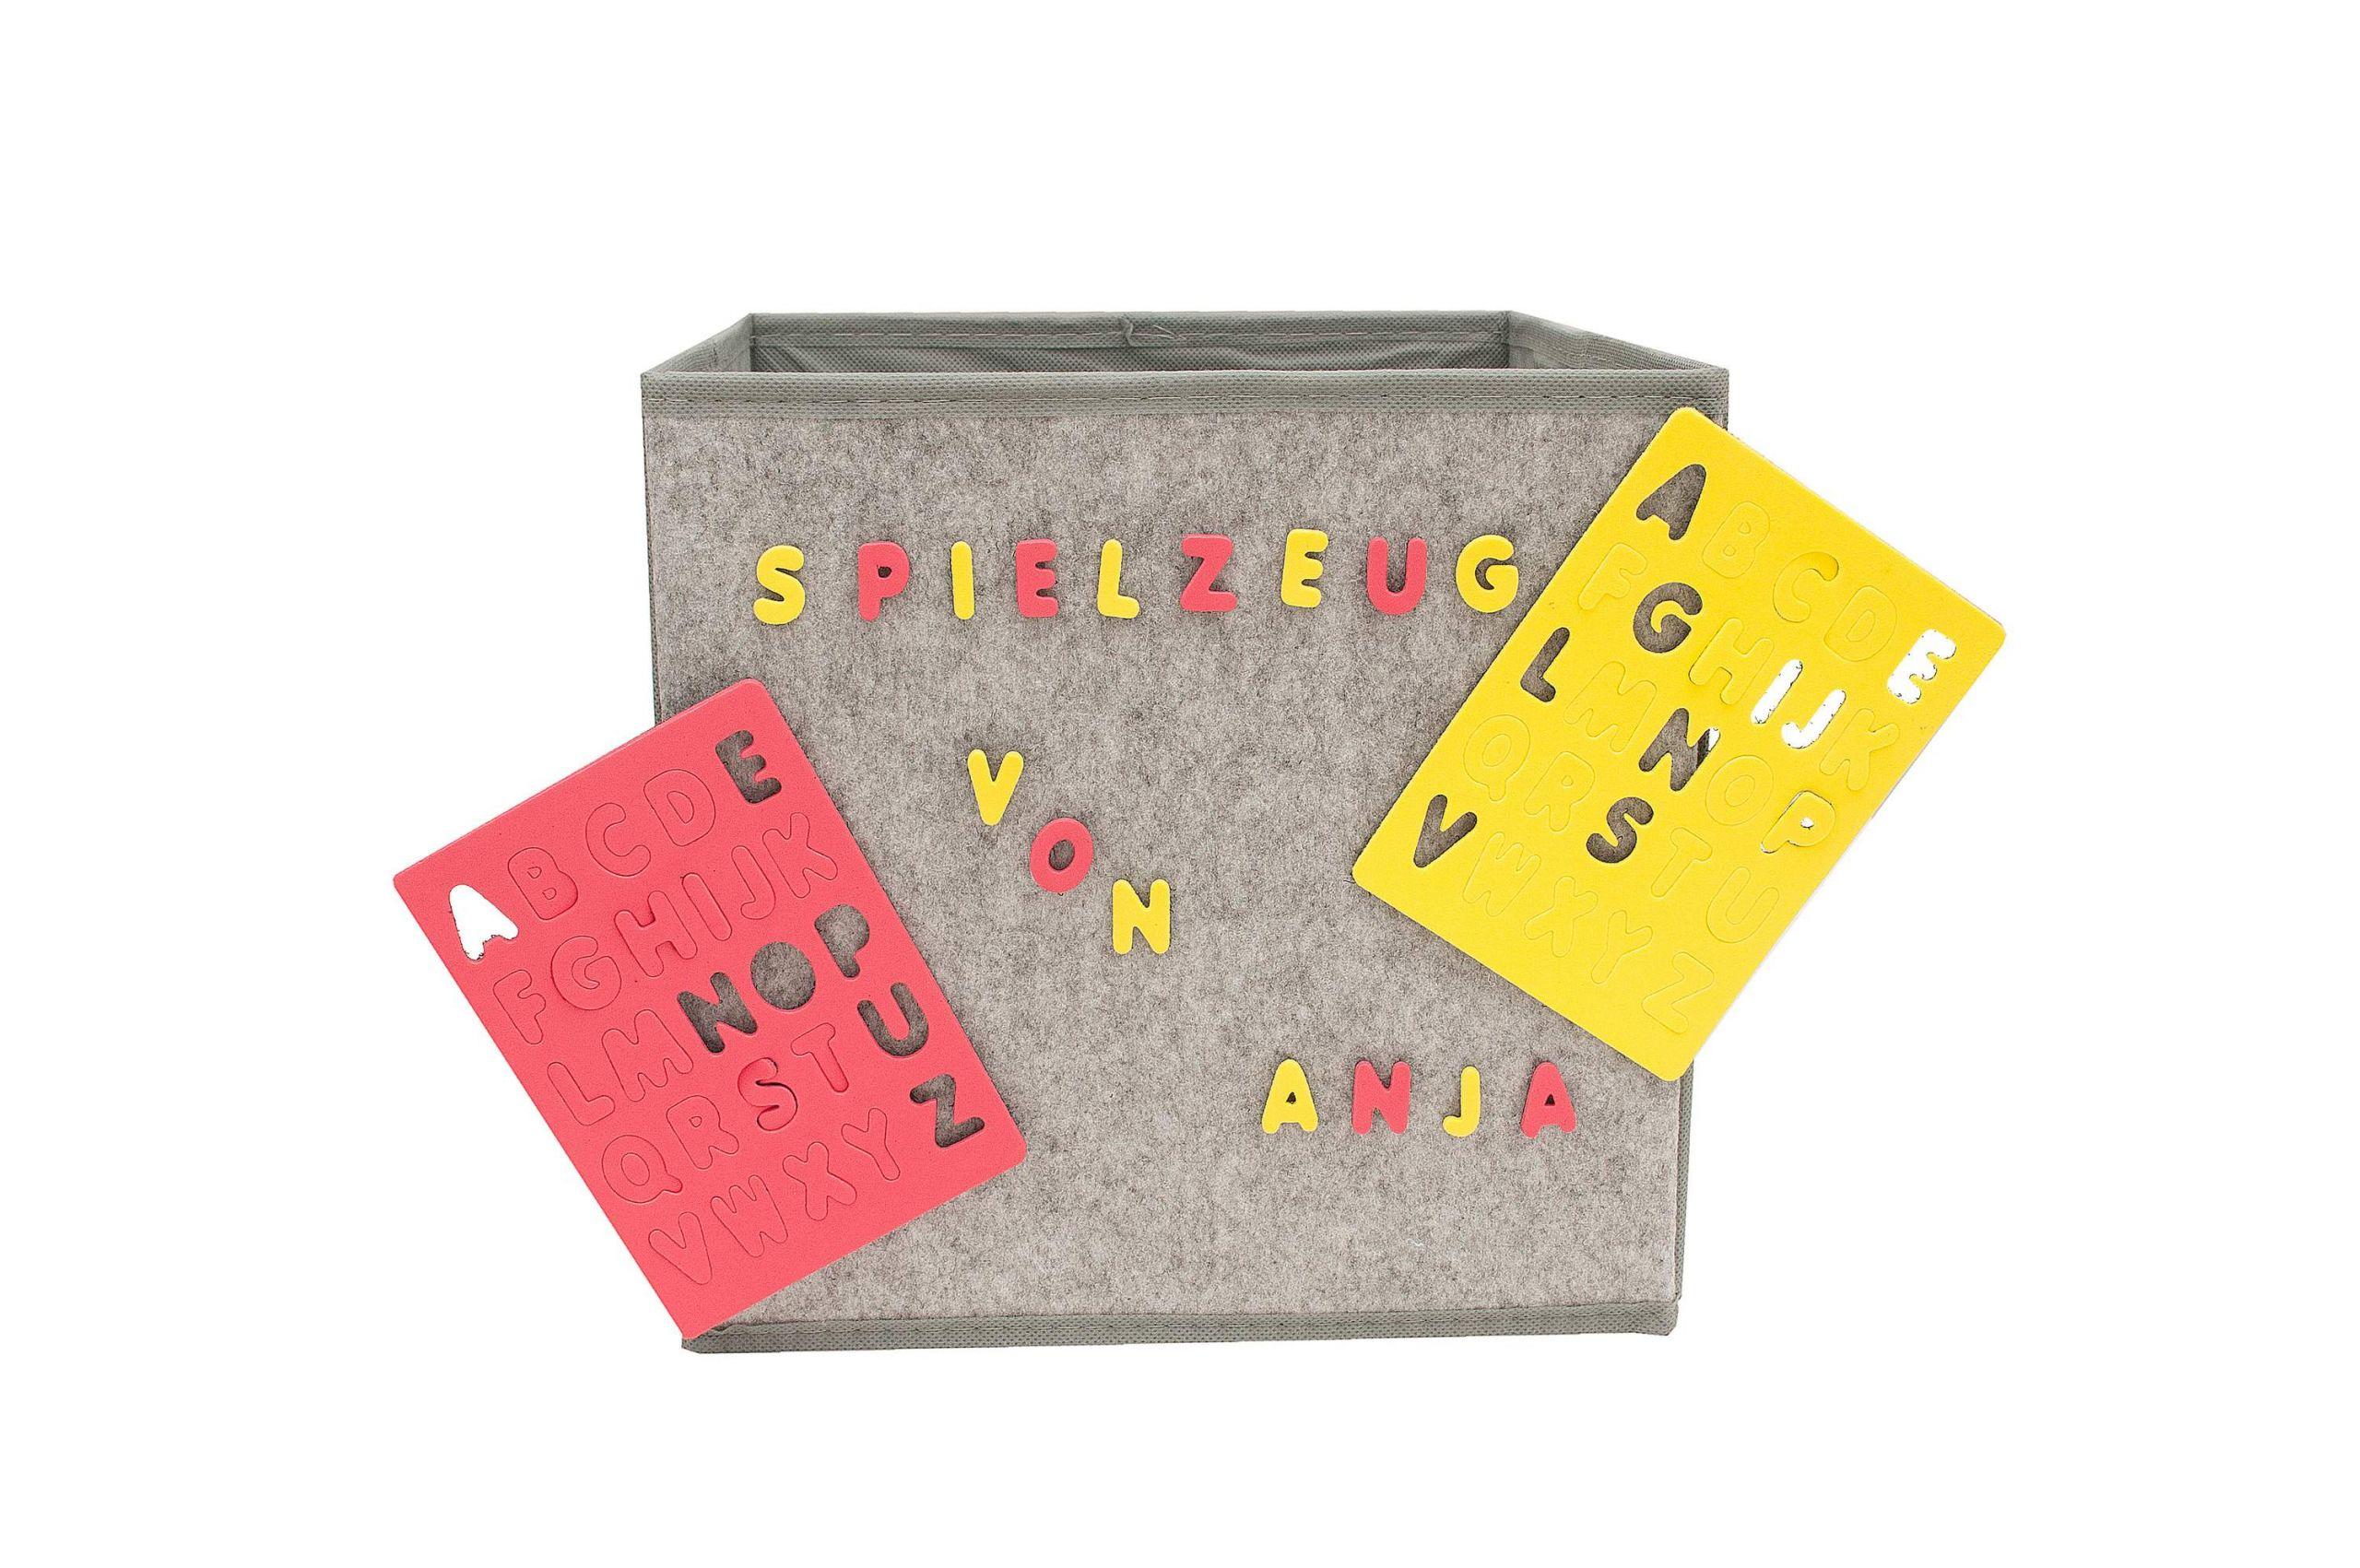 Garten Aufbewahrung Reizend Hti Line Paloma Aufbewahrungsbox Mit Buchstaben